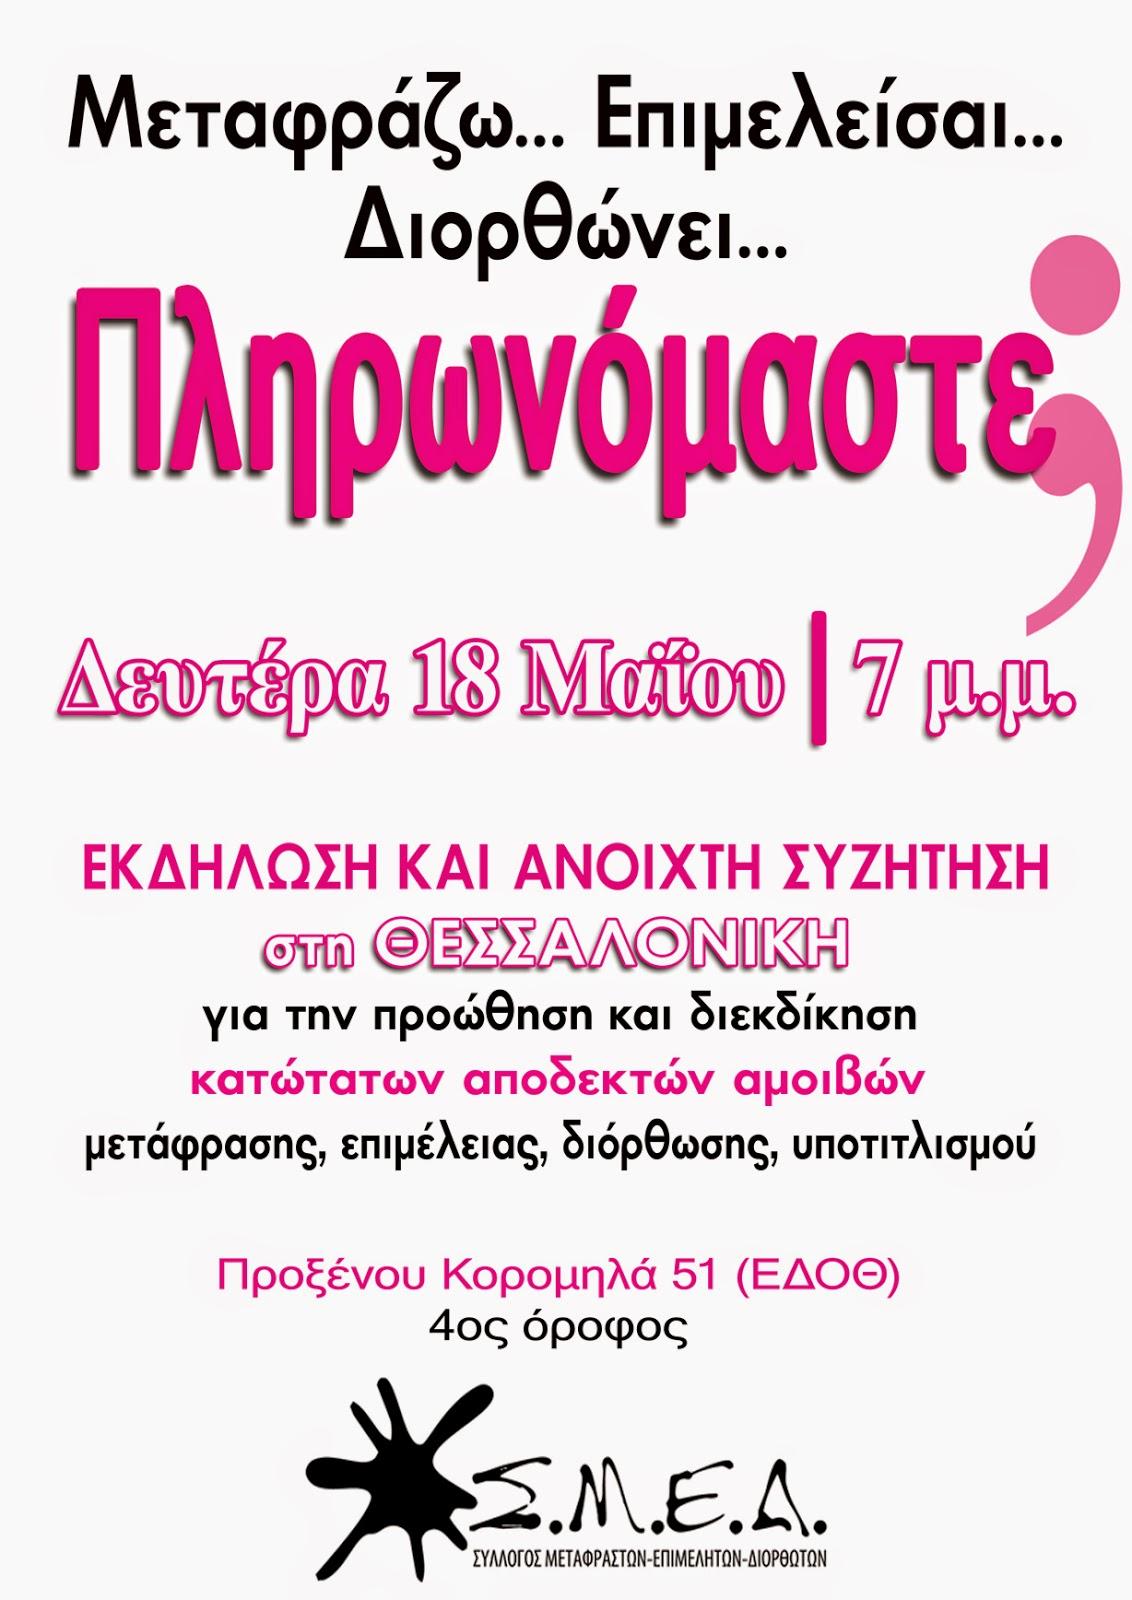 Εκδήλωση/συζήτηση στη Θεσσαλονίκη: Μεταφράζω, επιμελείσαι, διορθώνει… πληρωνόμαστε;